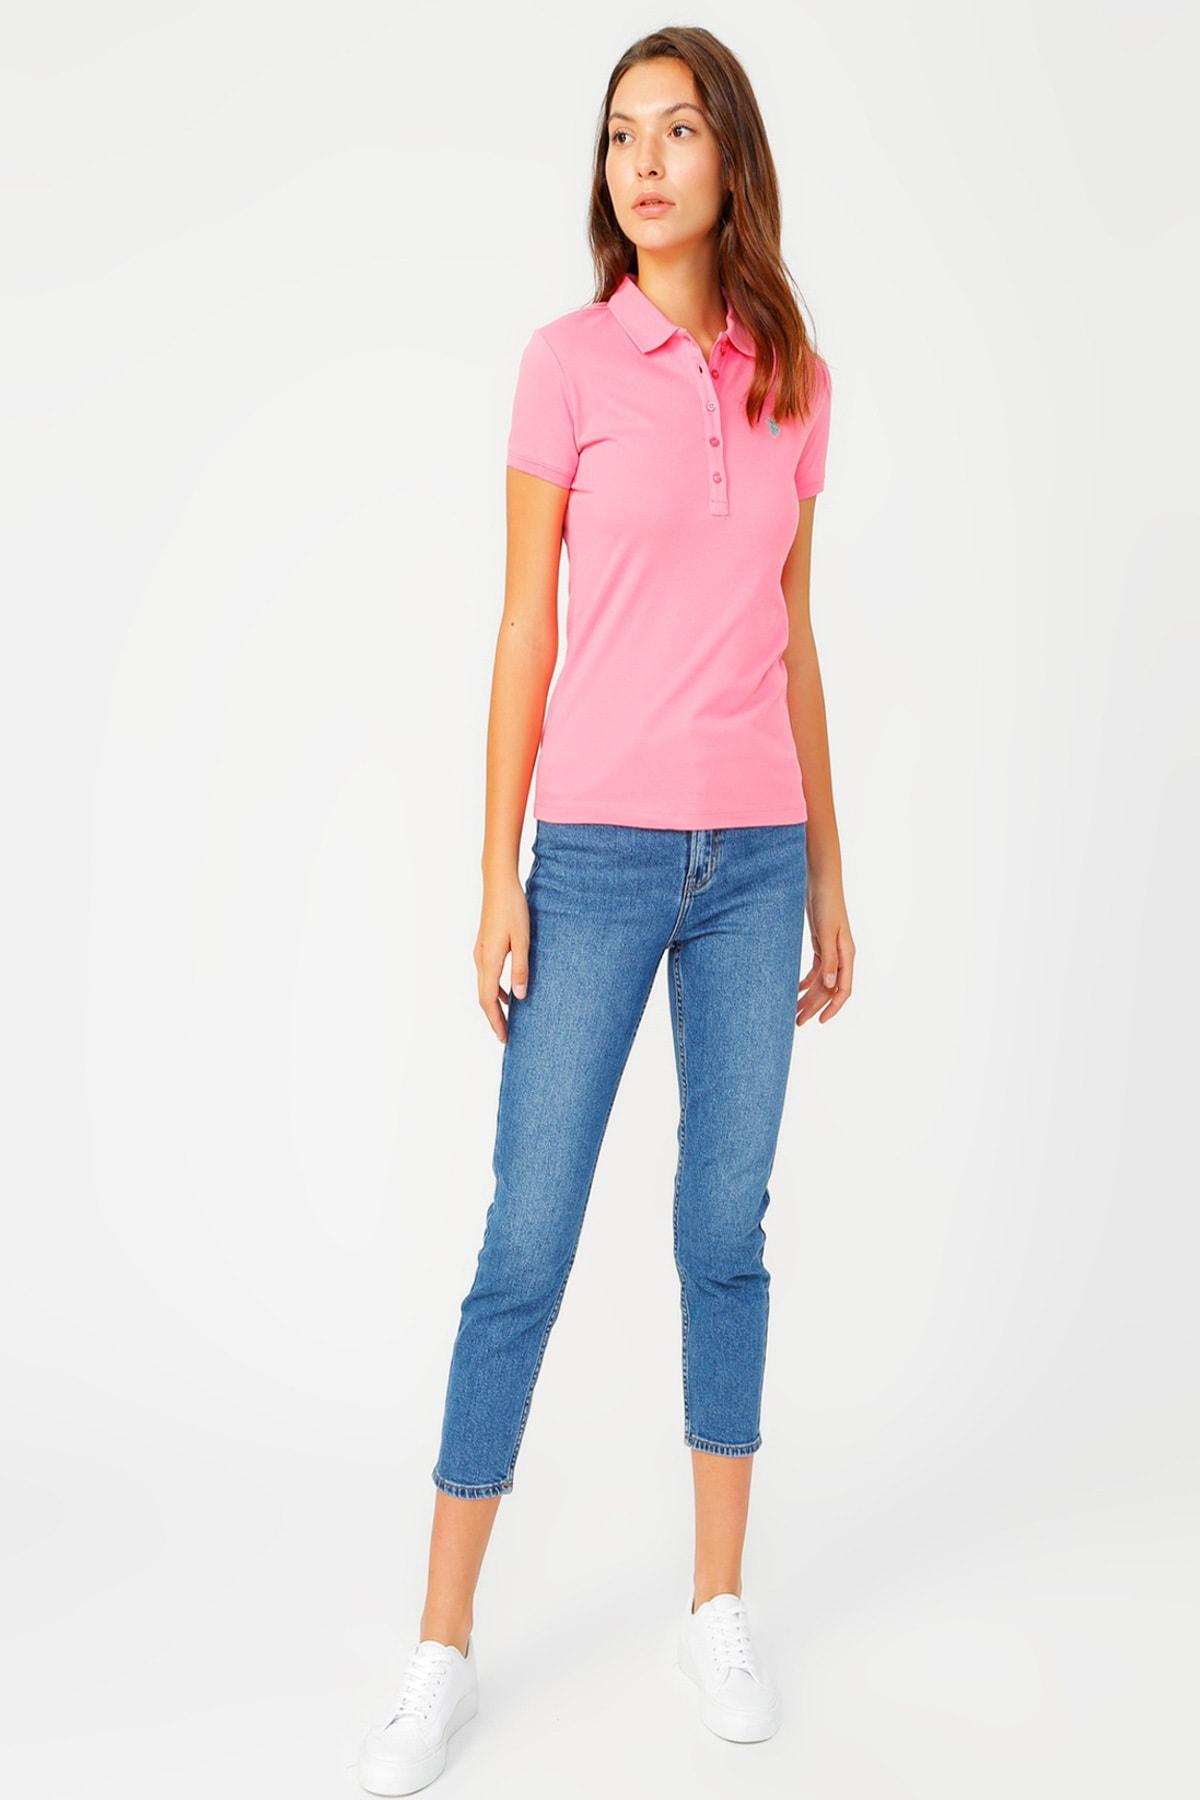 U.S. Polo Assn. Kadın T-Shirt G082GL011.000.937511 2